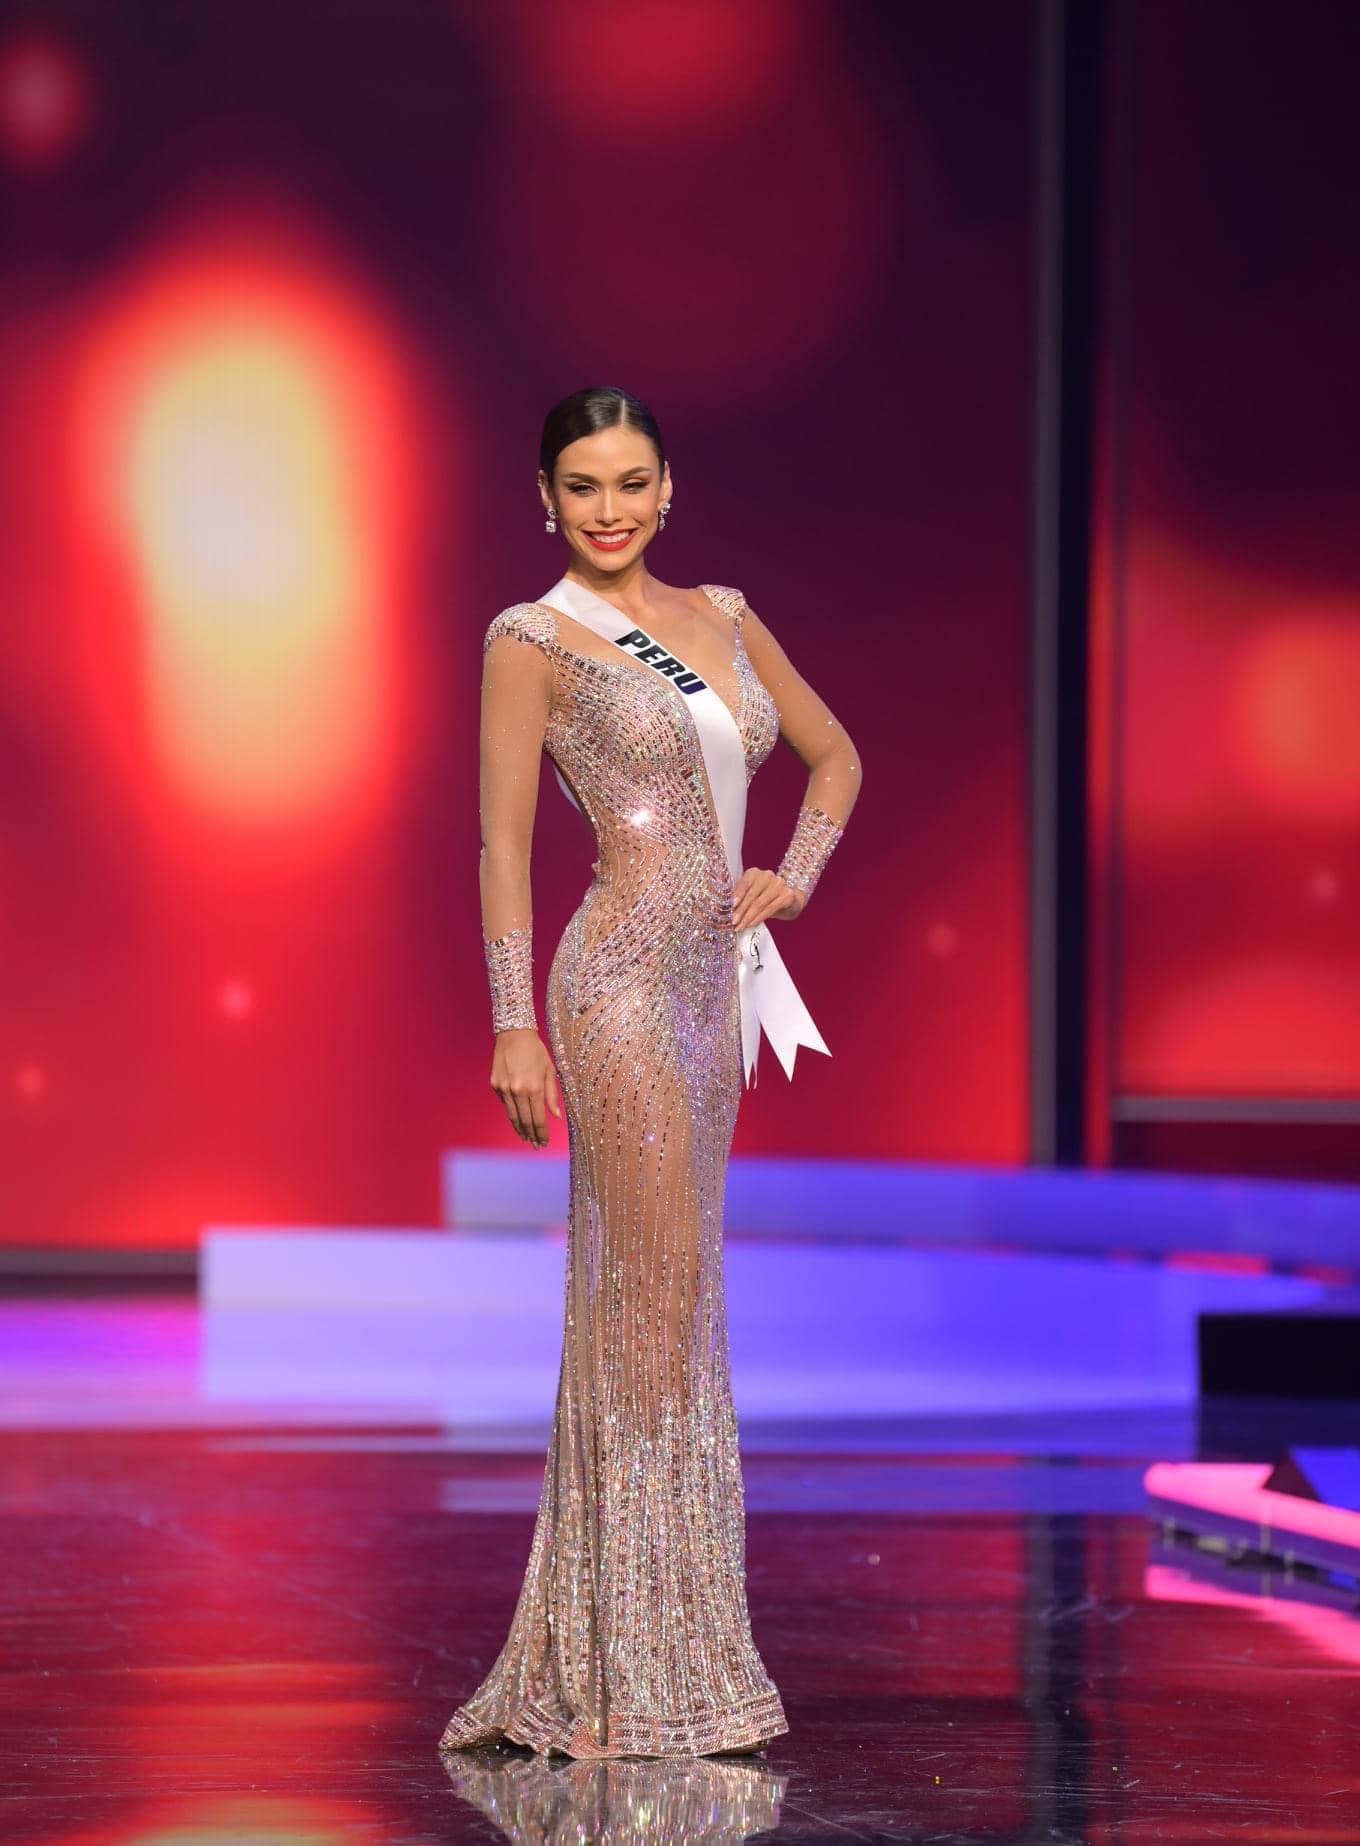 Á hậu gây nhiều tiếc nuối nhất tại Hoa hậu Hoàn vũ 2020 - Ảnh 1.